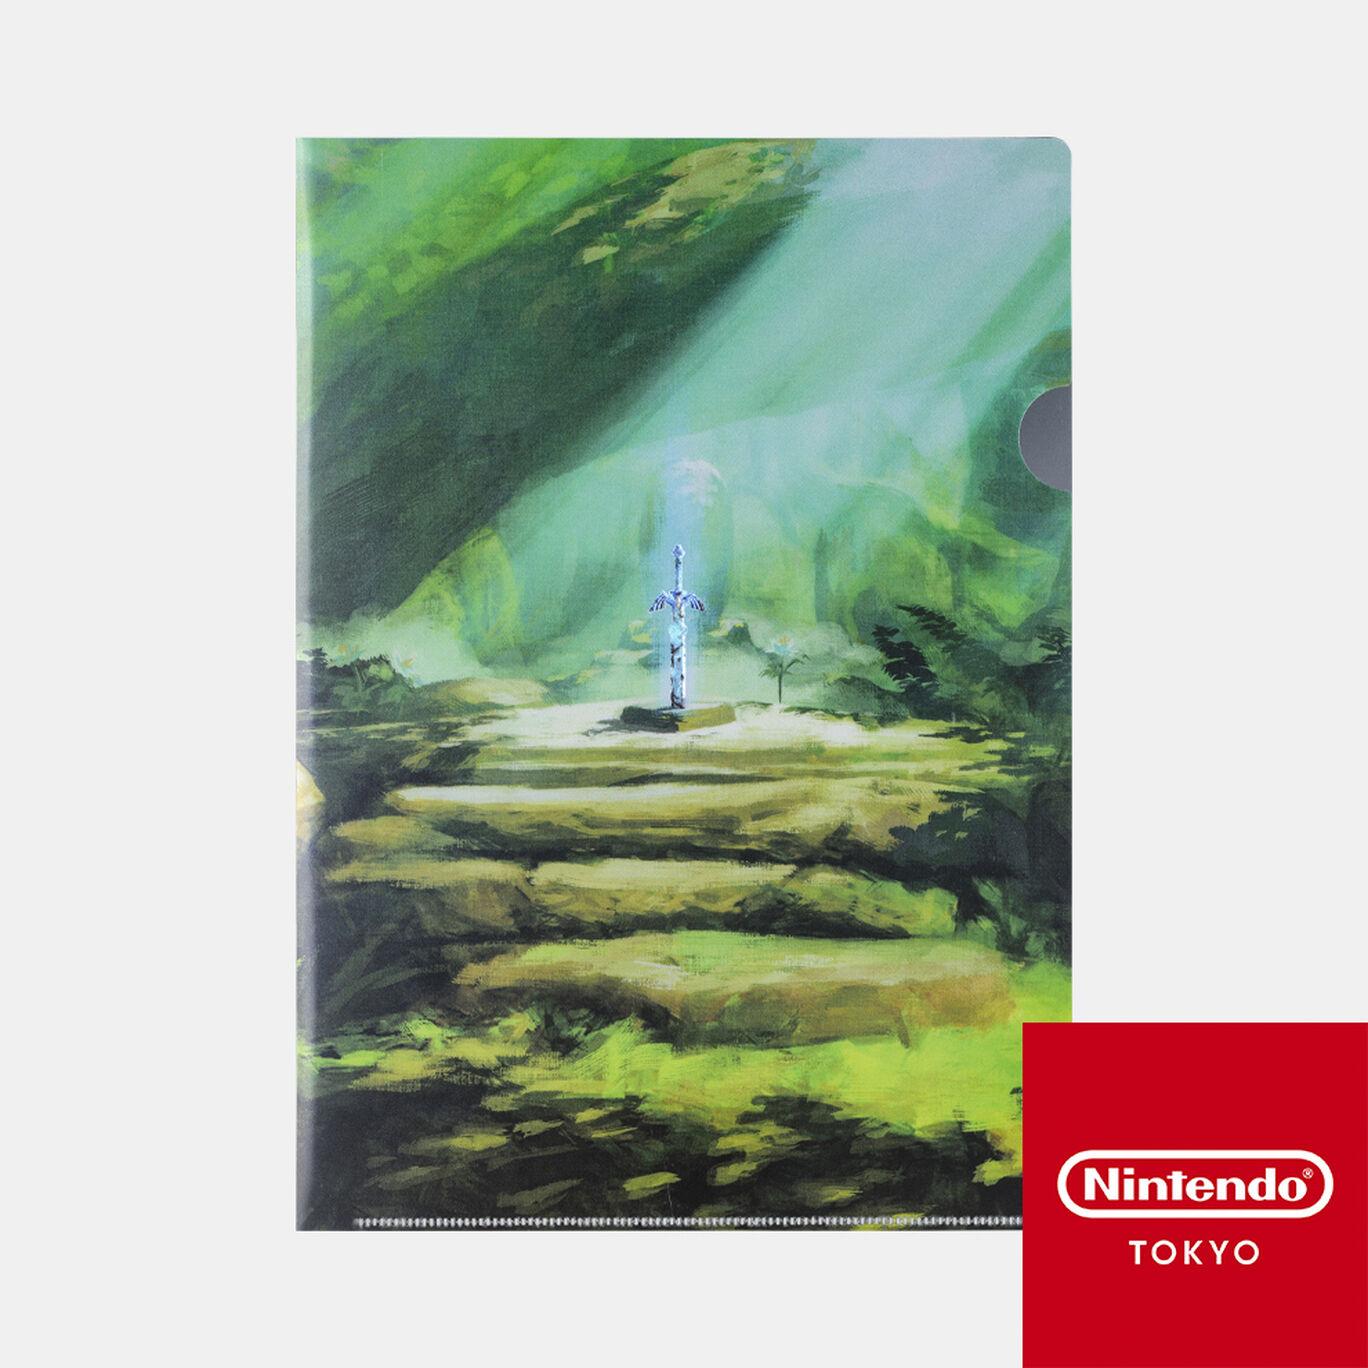 クリアファイル ゼルダの伝説 D【Nintendo TOKYO取り扱い商品】